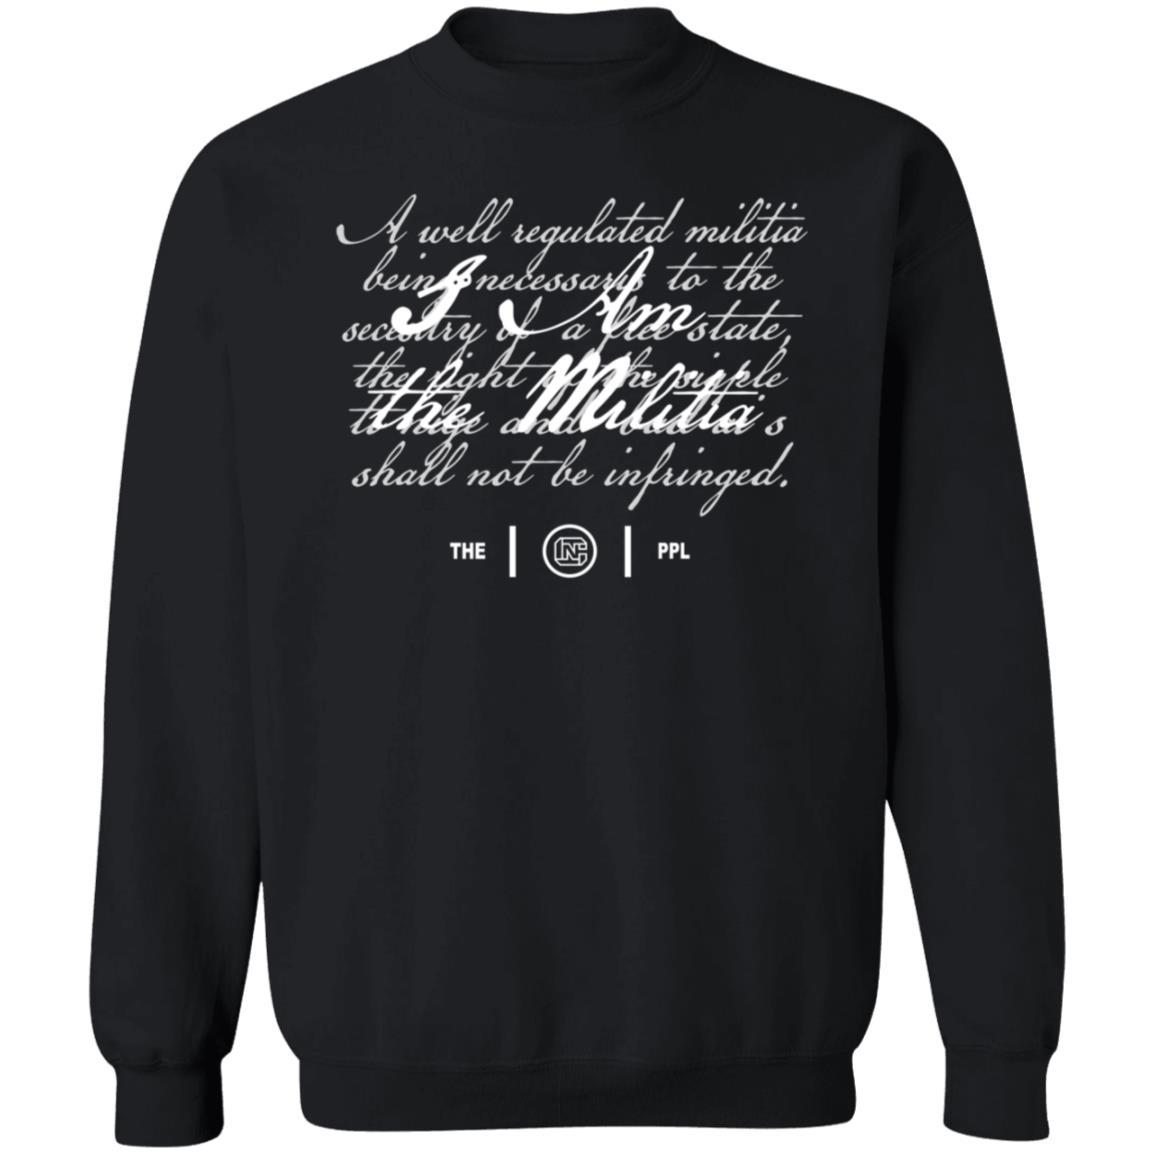 Colion Noir Merch Store I Am the Militia Shirt